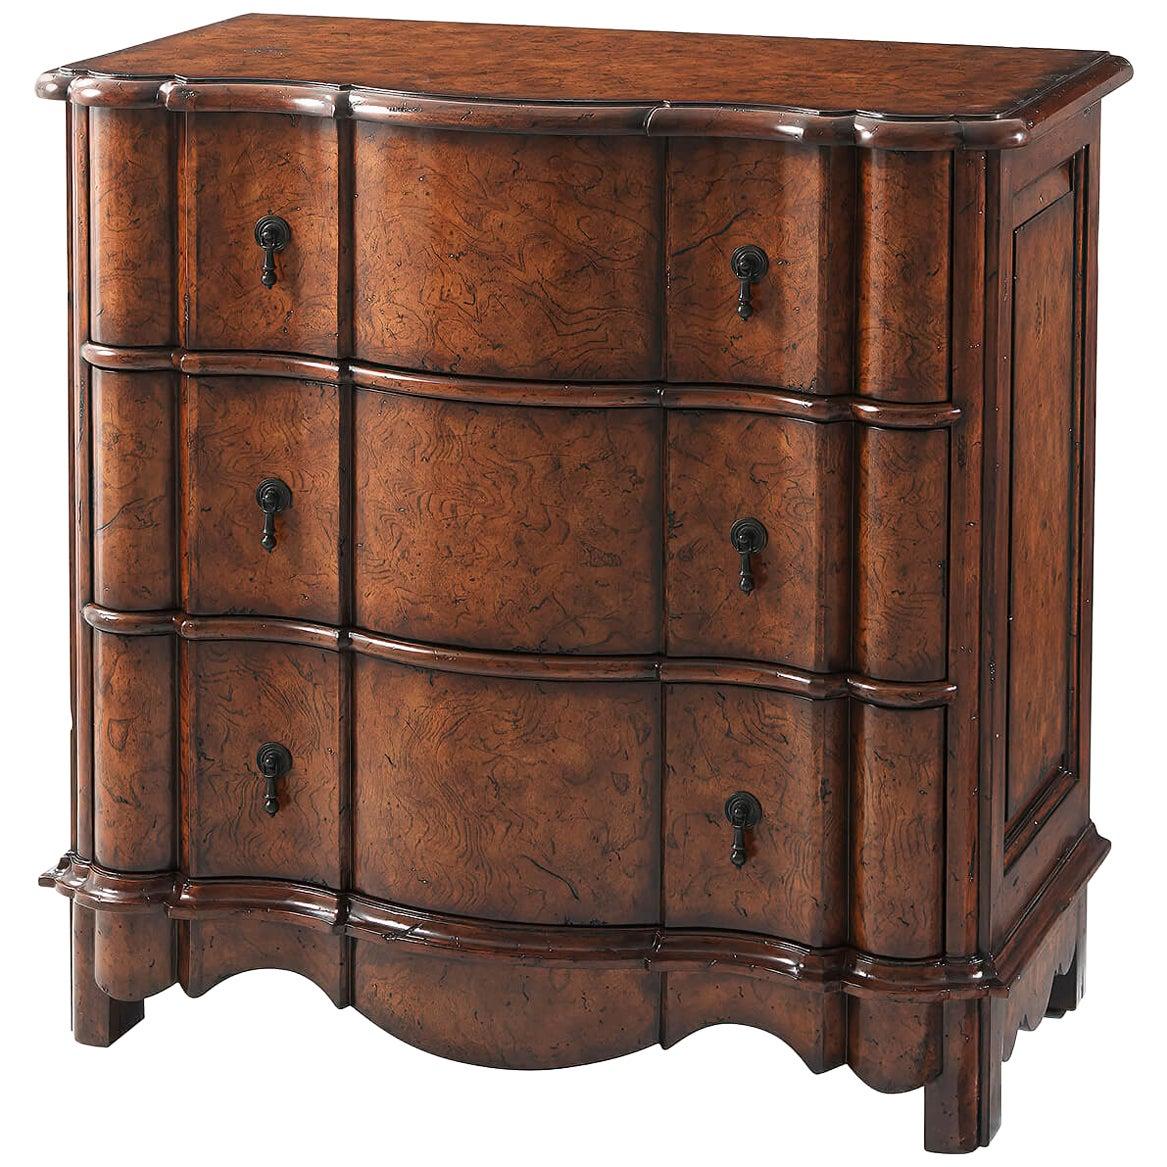 French Provincial Burl Bedside Dresser